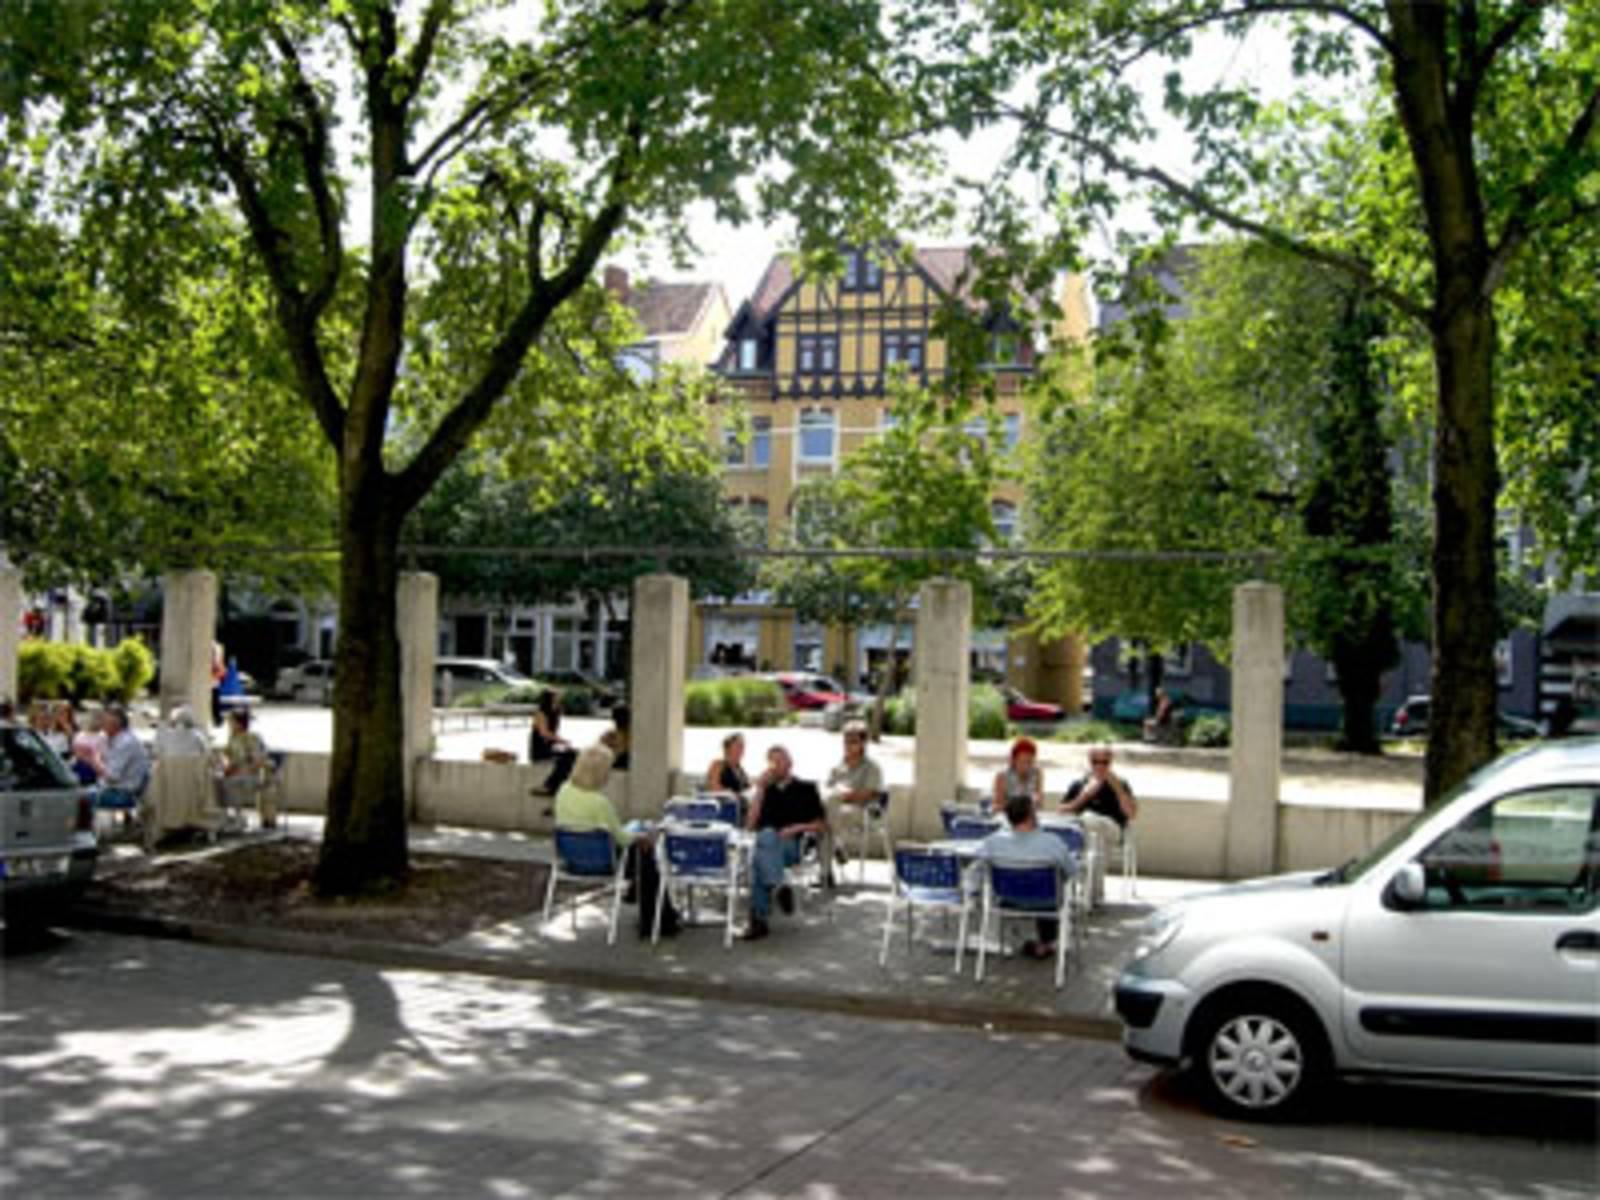 Foto von Eiscafe und Gründerzeithäusern am Fiedelerplatz in Döhren